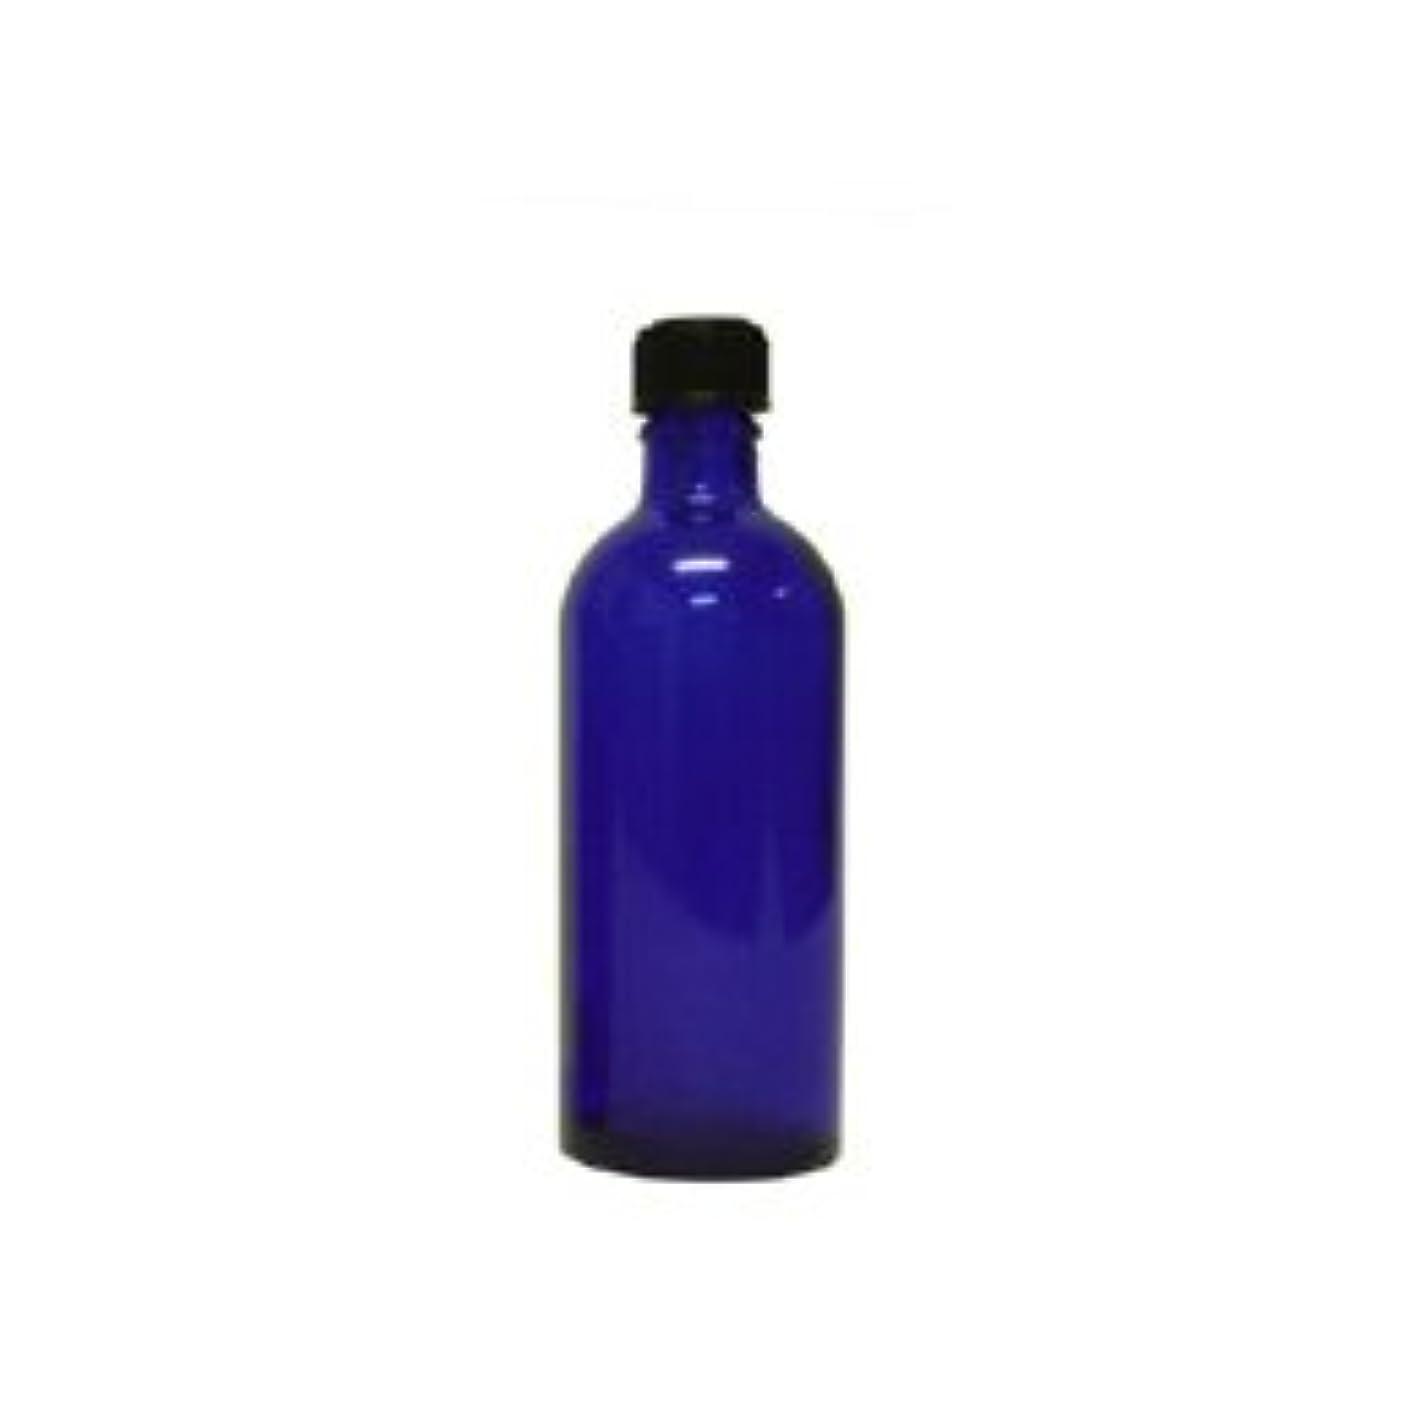 郵便物昇進フェンス青色遮光ビン 100ml (ドロッパー付)